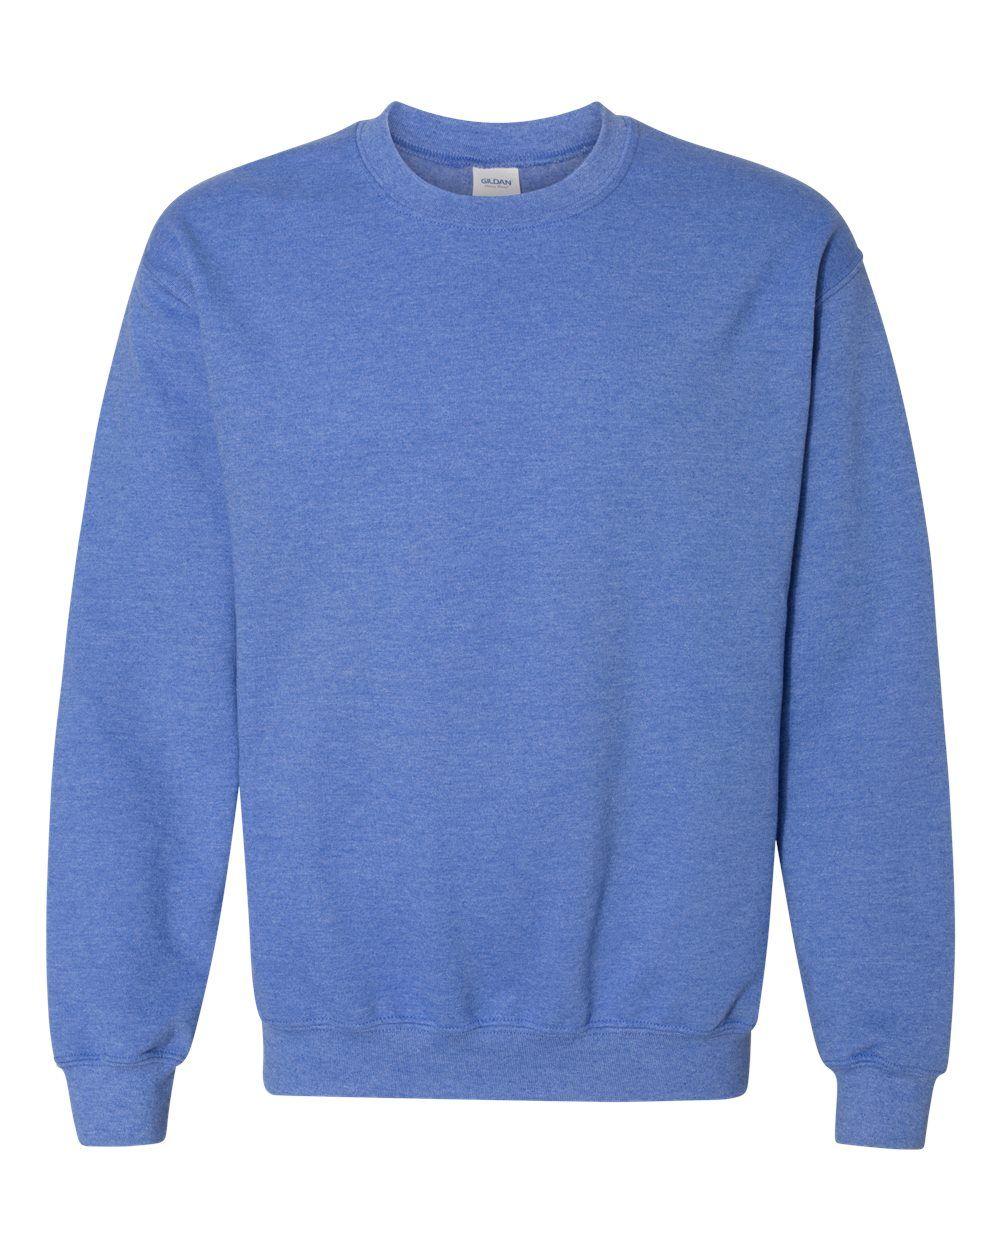 Gildan Heavy Blend Crewneck Sweatshirt 18000 In 2021 Crew Neck Sweatshirt Sweatshirts Mens Sweatshirts [ 1250 x 1000 Pixel ]